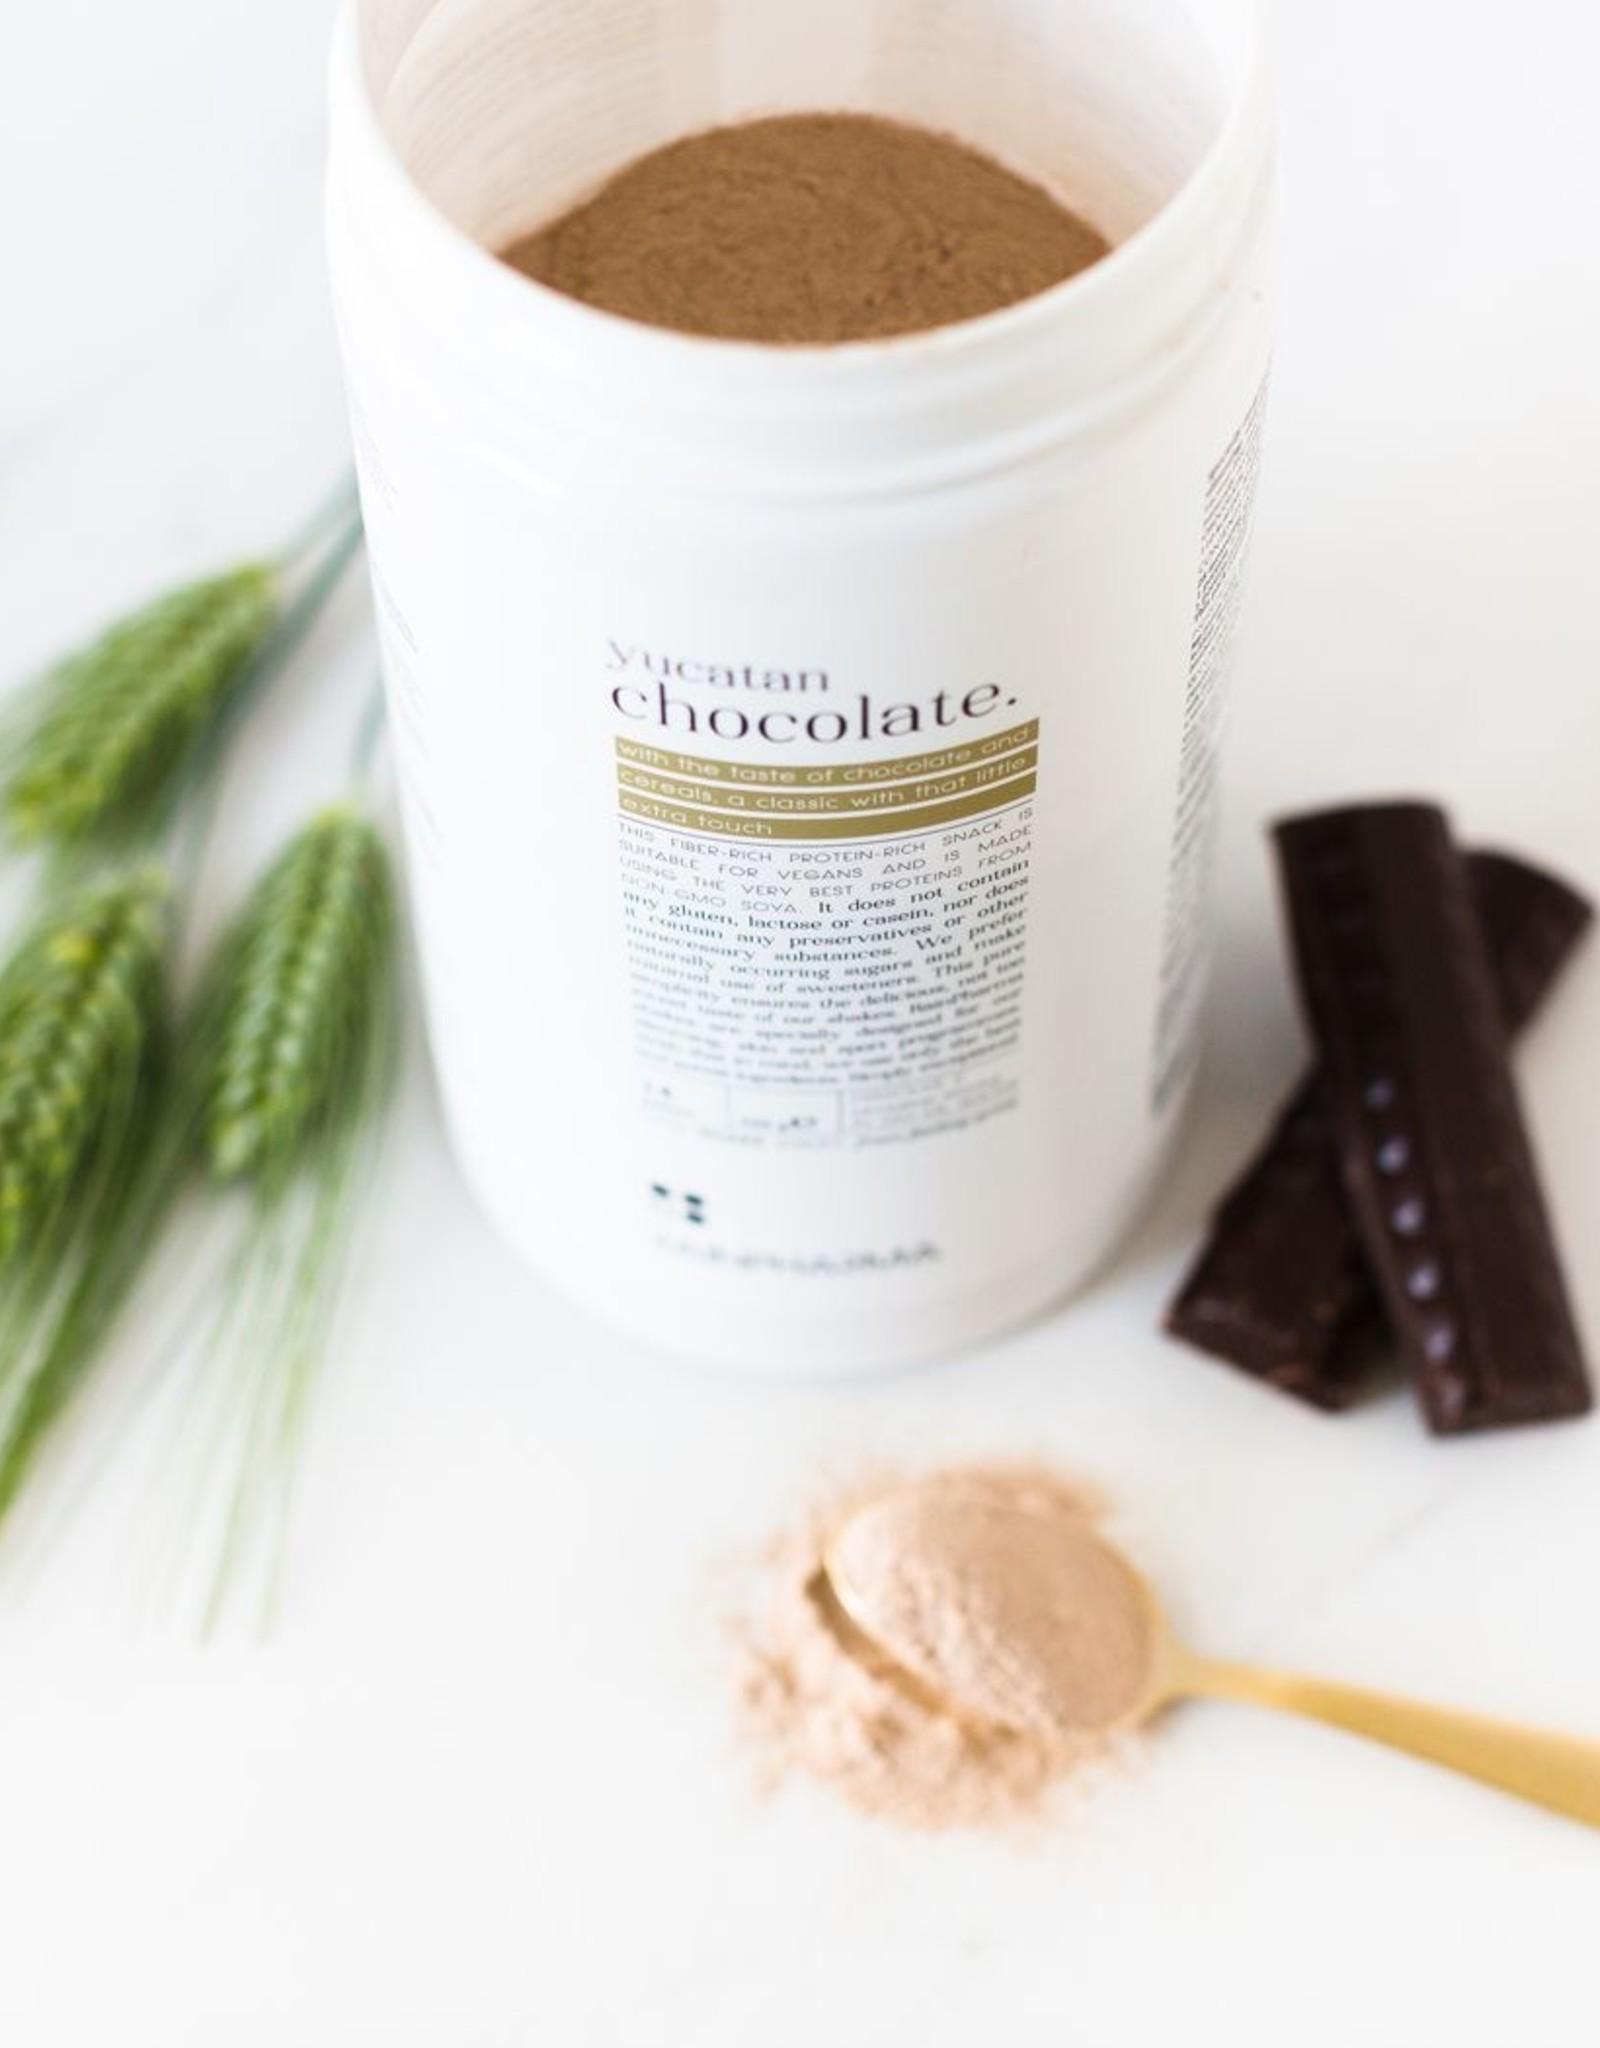 RainPharma Vegan Chocolate 420g Rainpharma